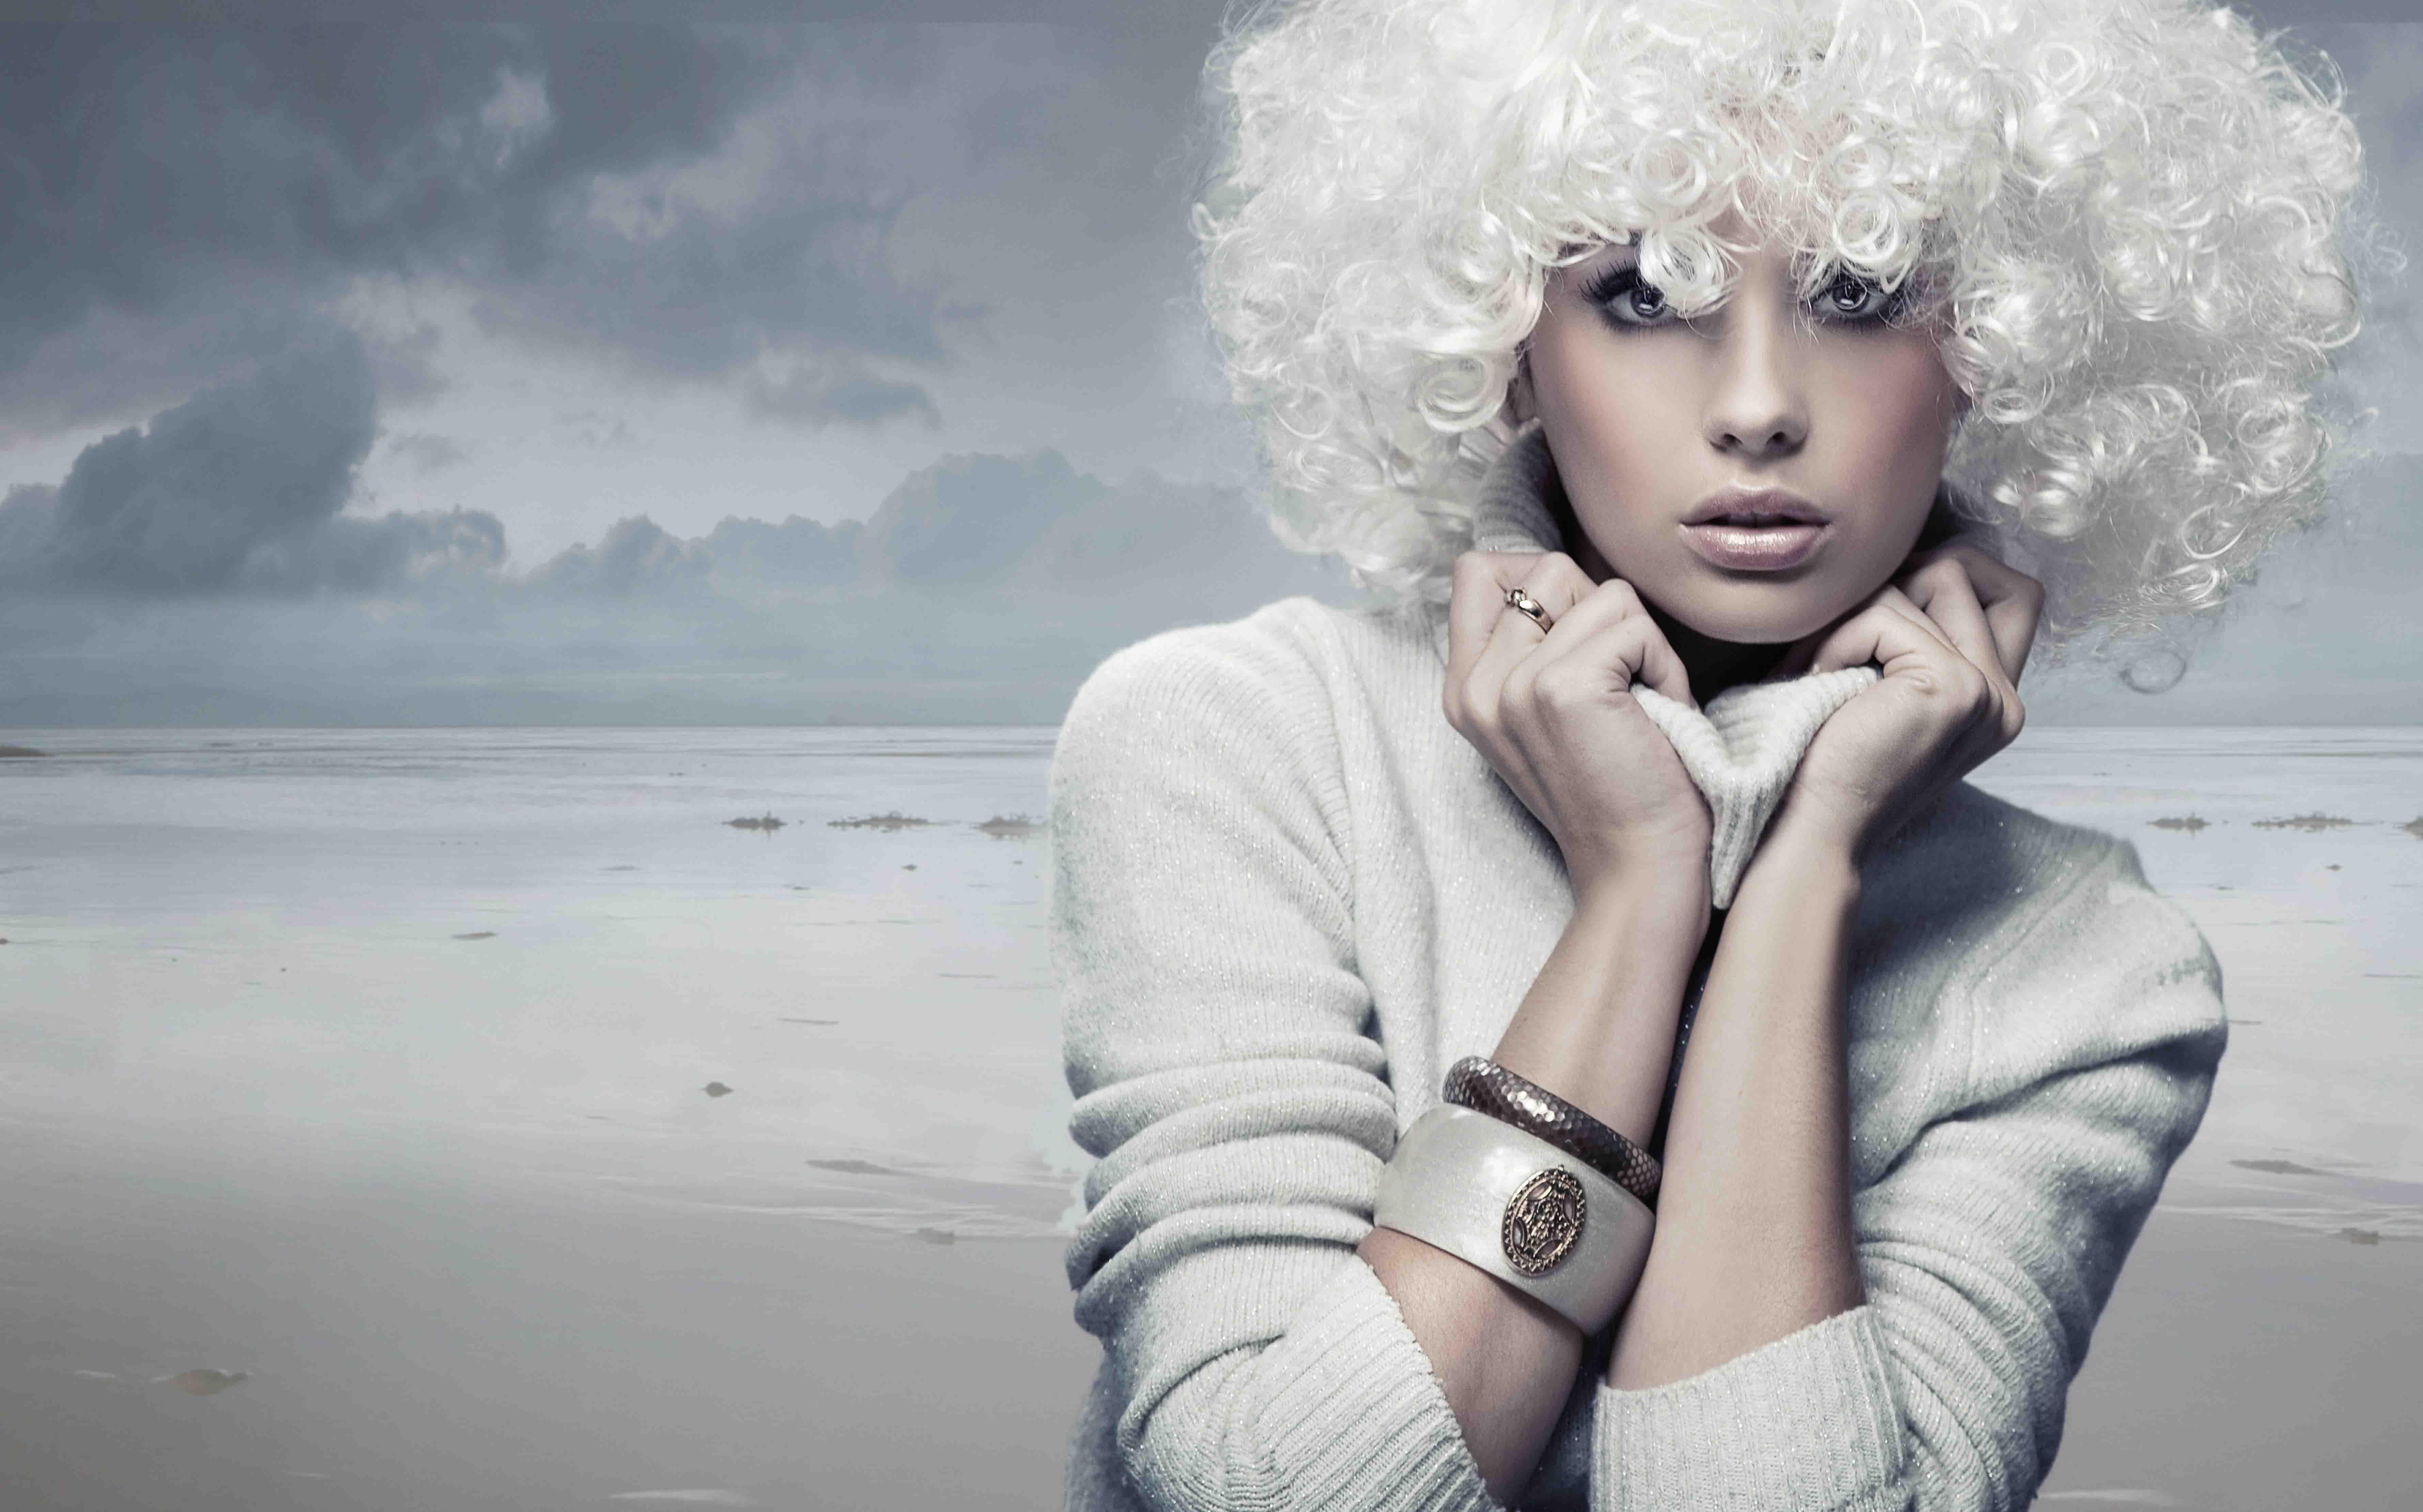 capelli-autunno-zephir-parrucchieri-ascona-muralto